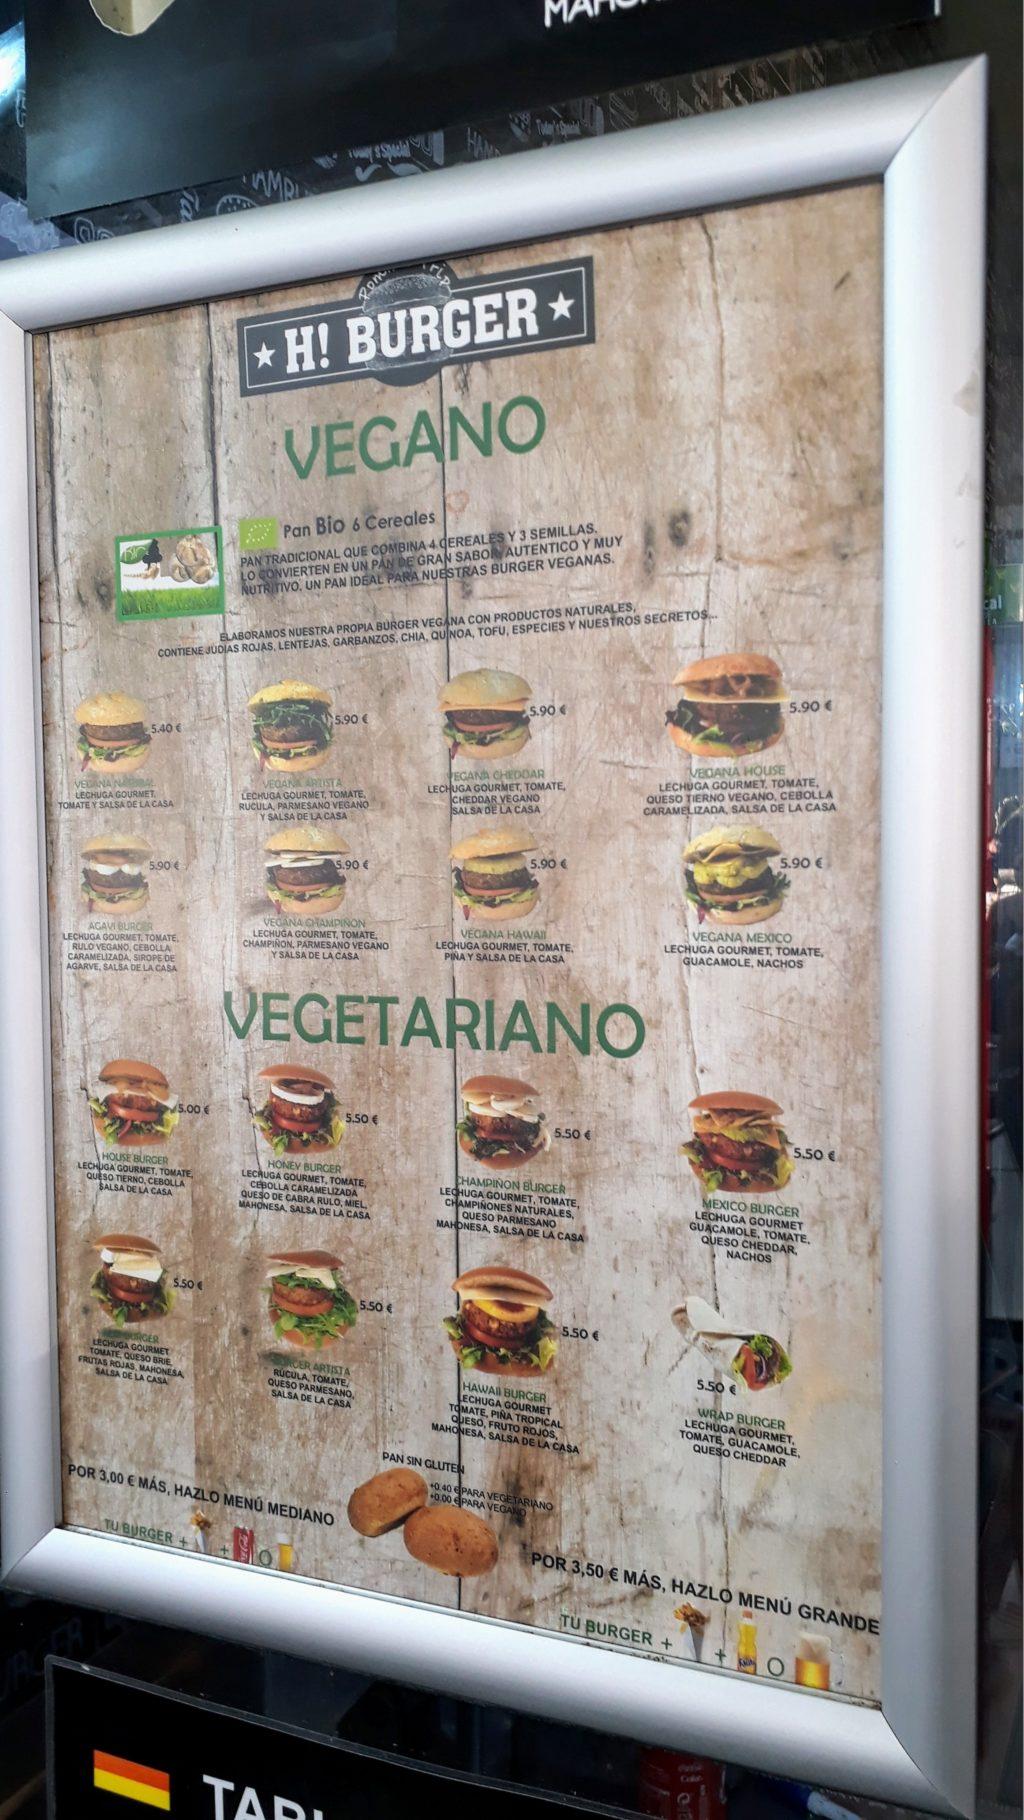 Hamburguesas veganas y vegetarianas en H! Burger en el Centro Comercial Las Terrazas